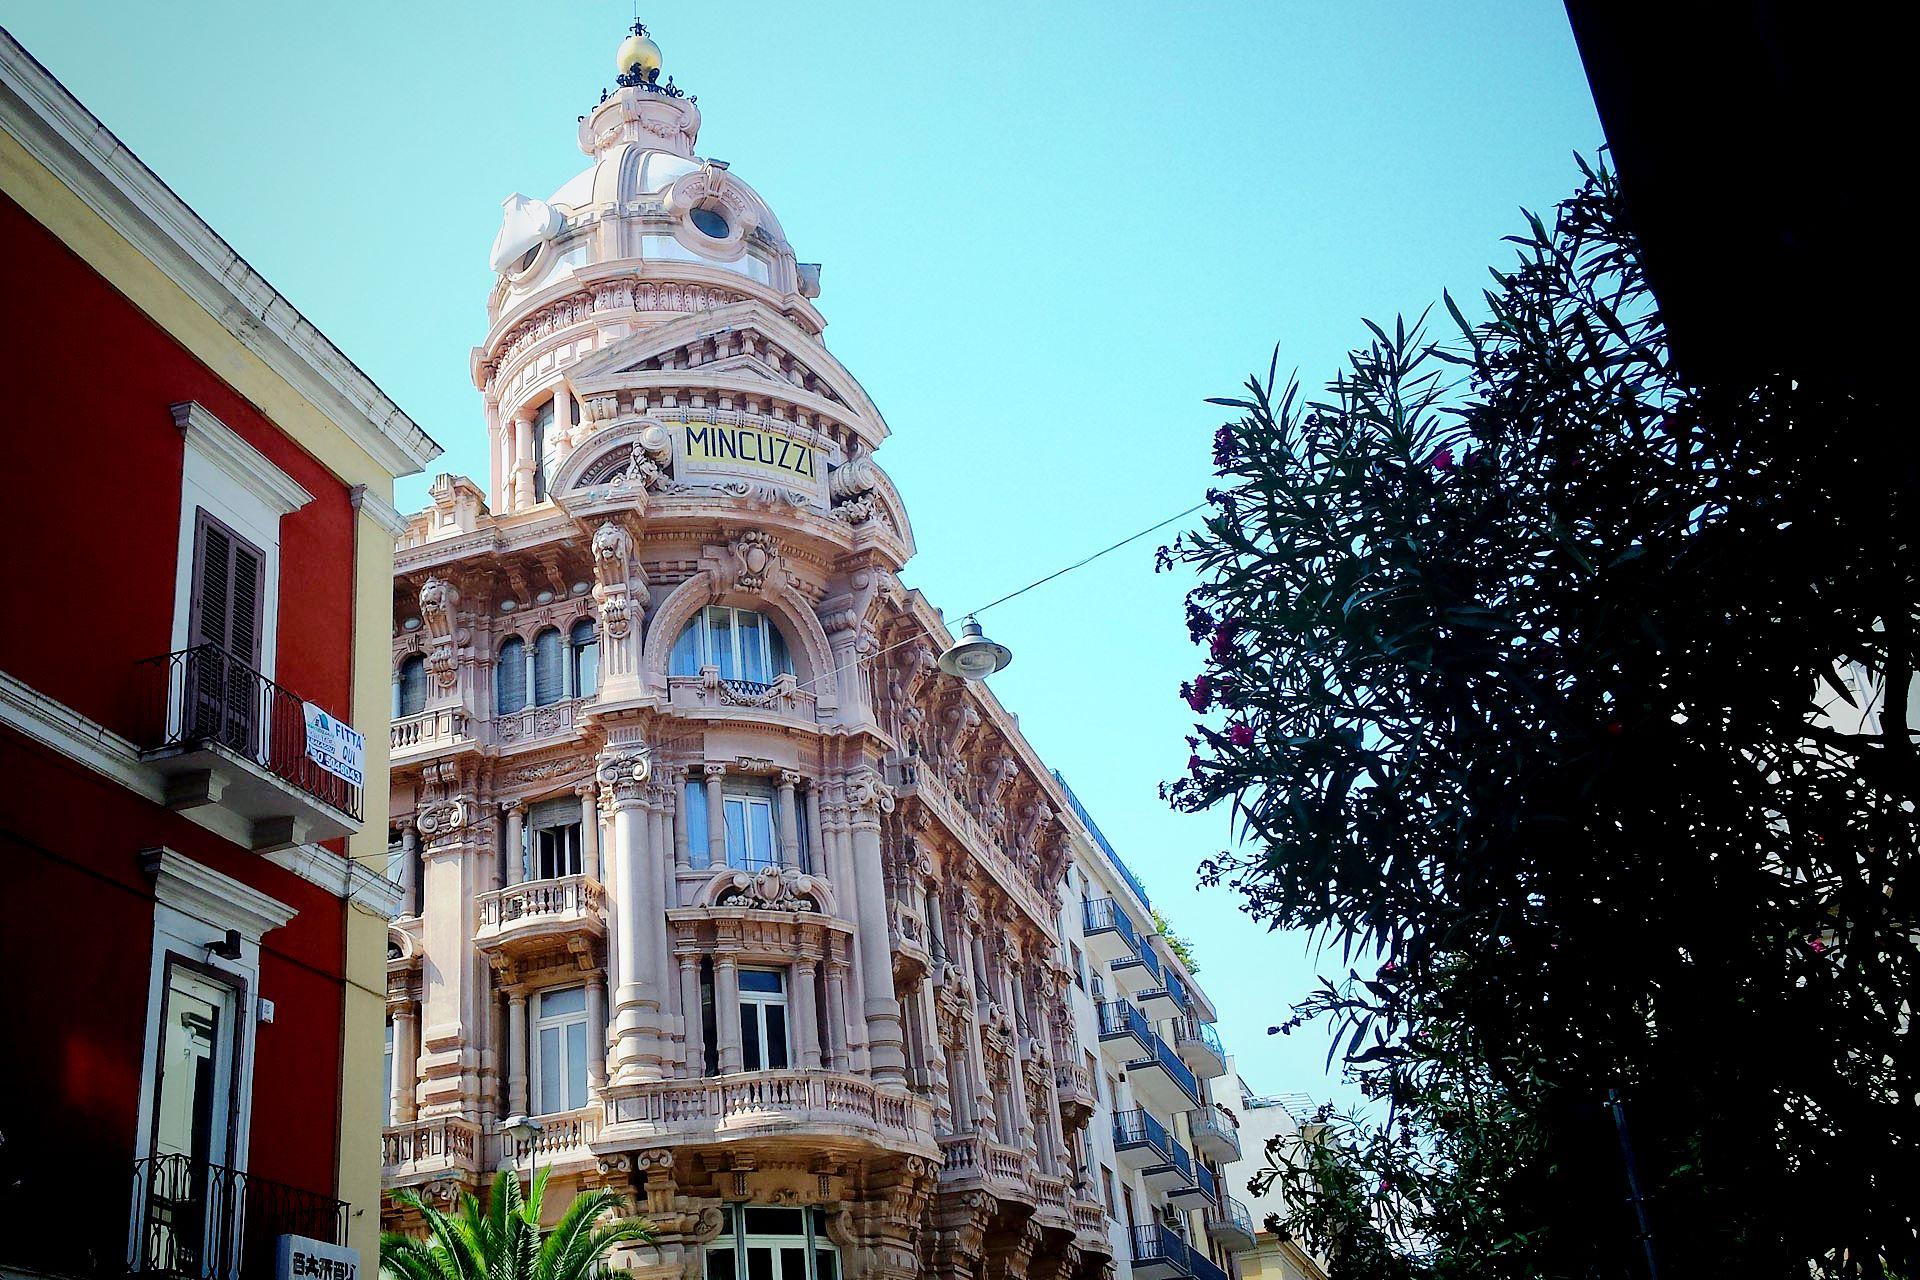 apulia slow travel bari puglia apulien palazzo mincuzzi quartiere murattiano palazzo ottocentesco